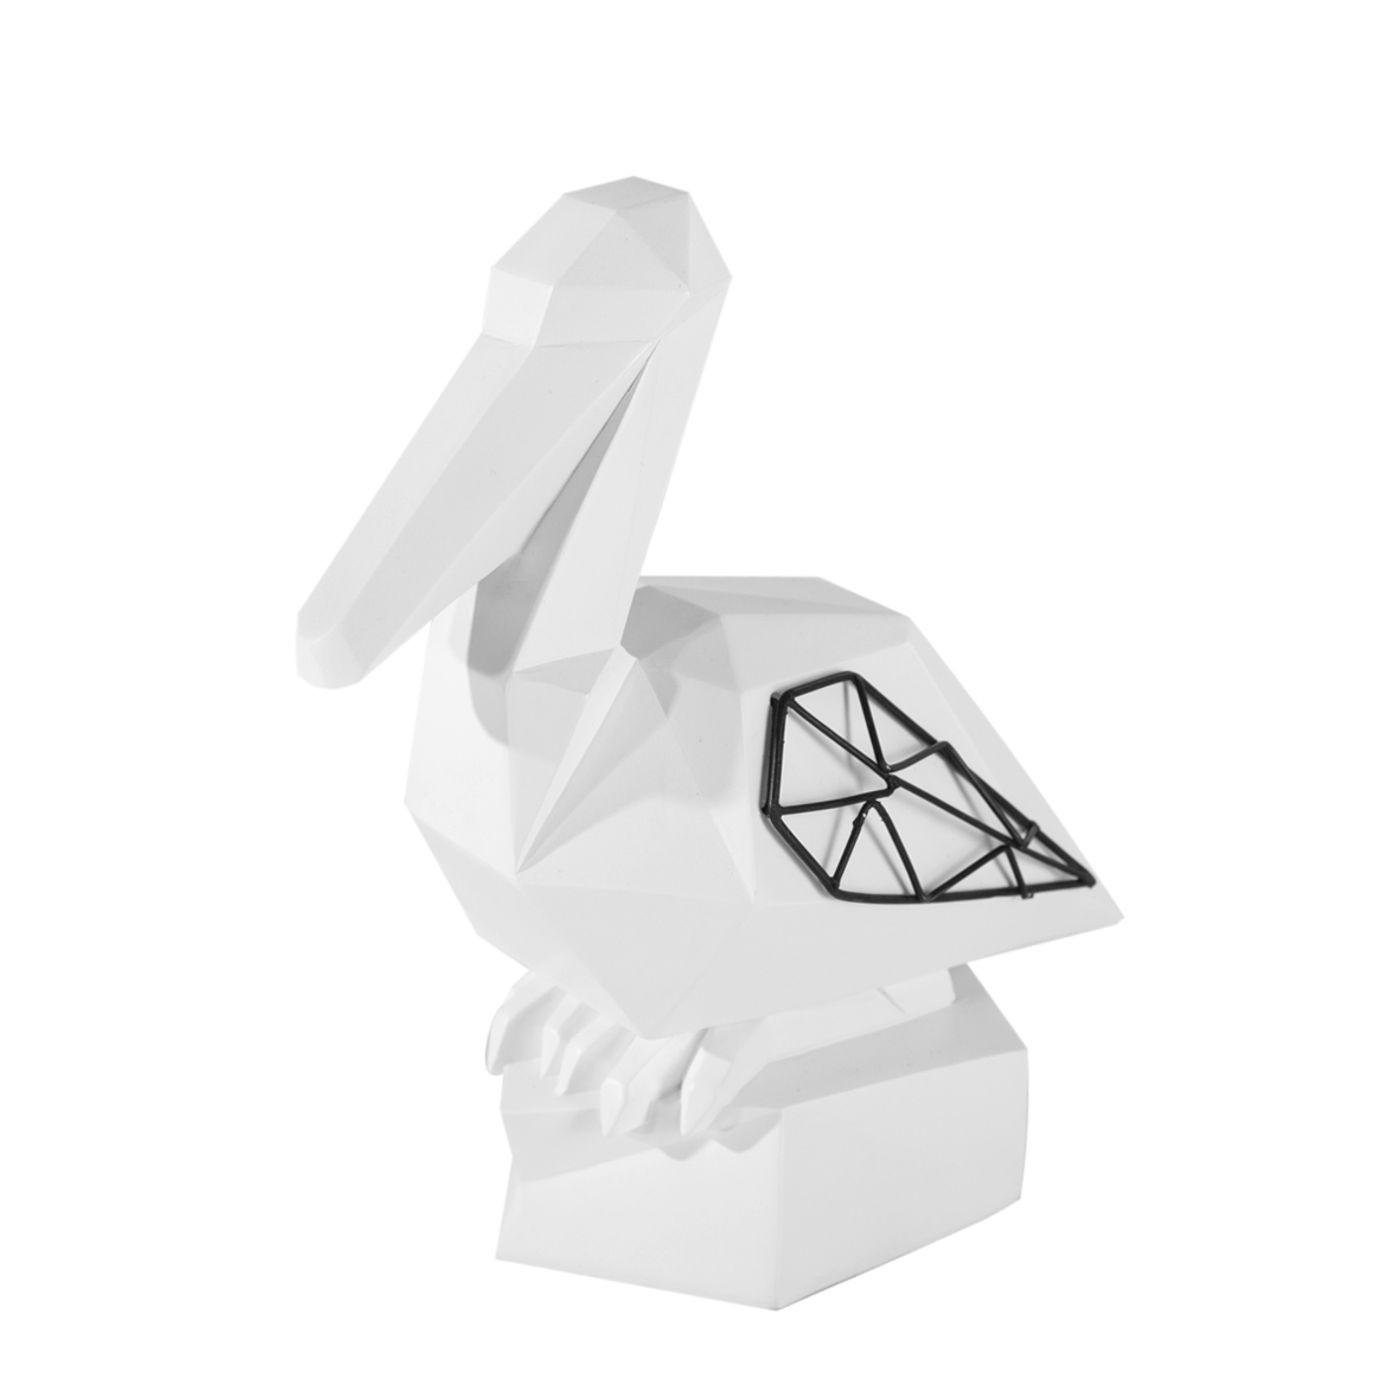 Figurka dekoracyjna pelikan biały geometryczny 21 cm